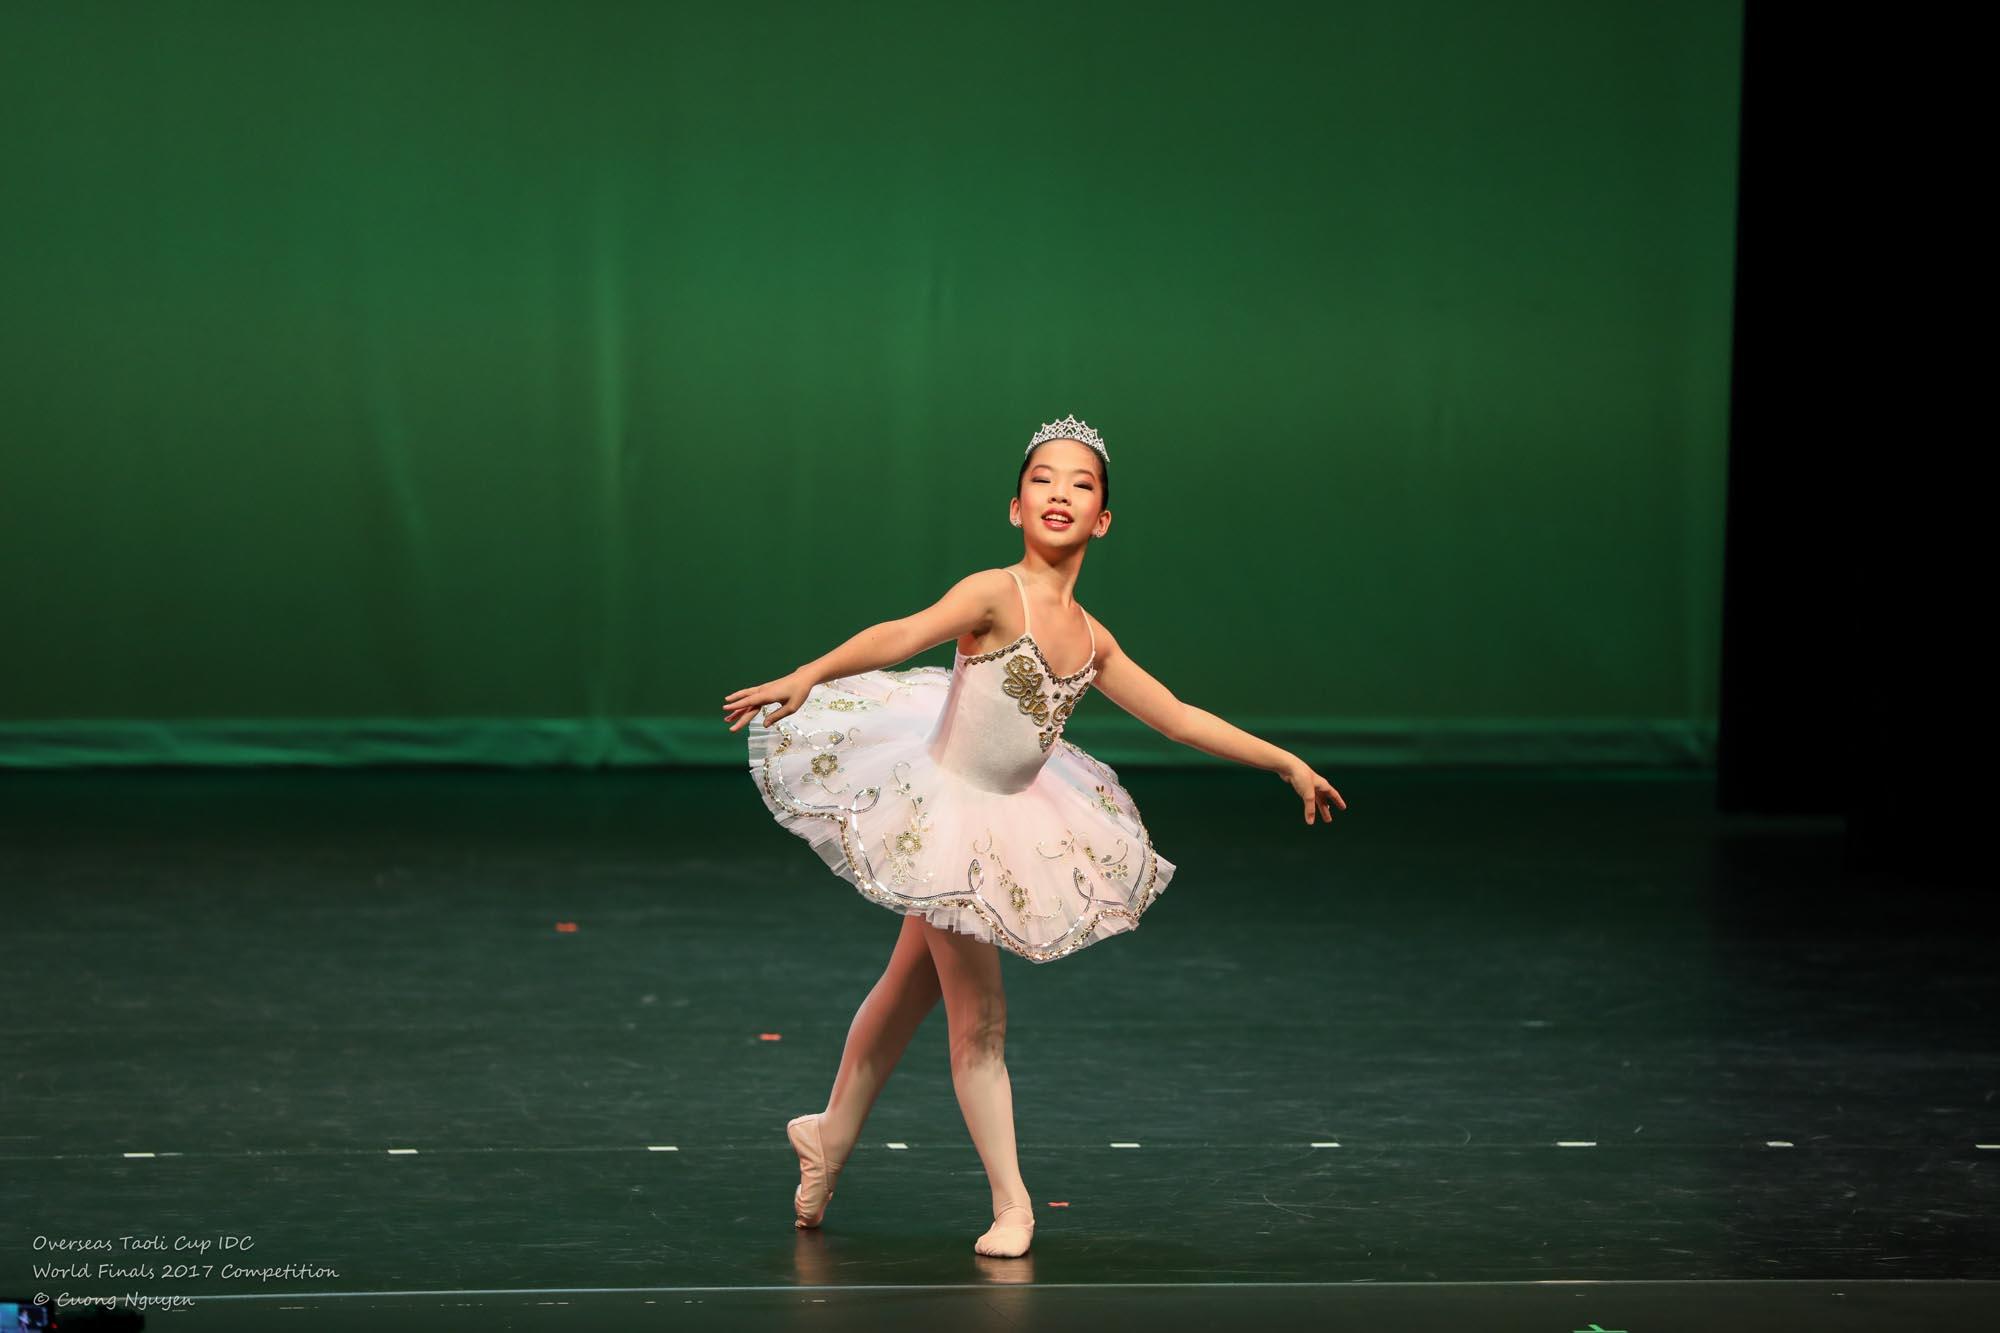 Sugar Plum FairyCarolyn Wu